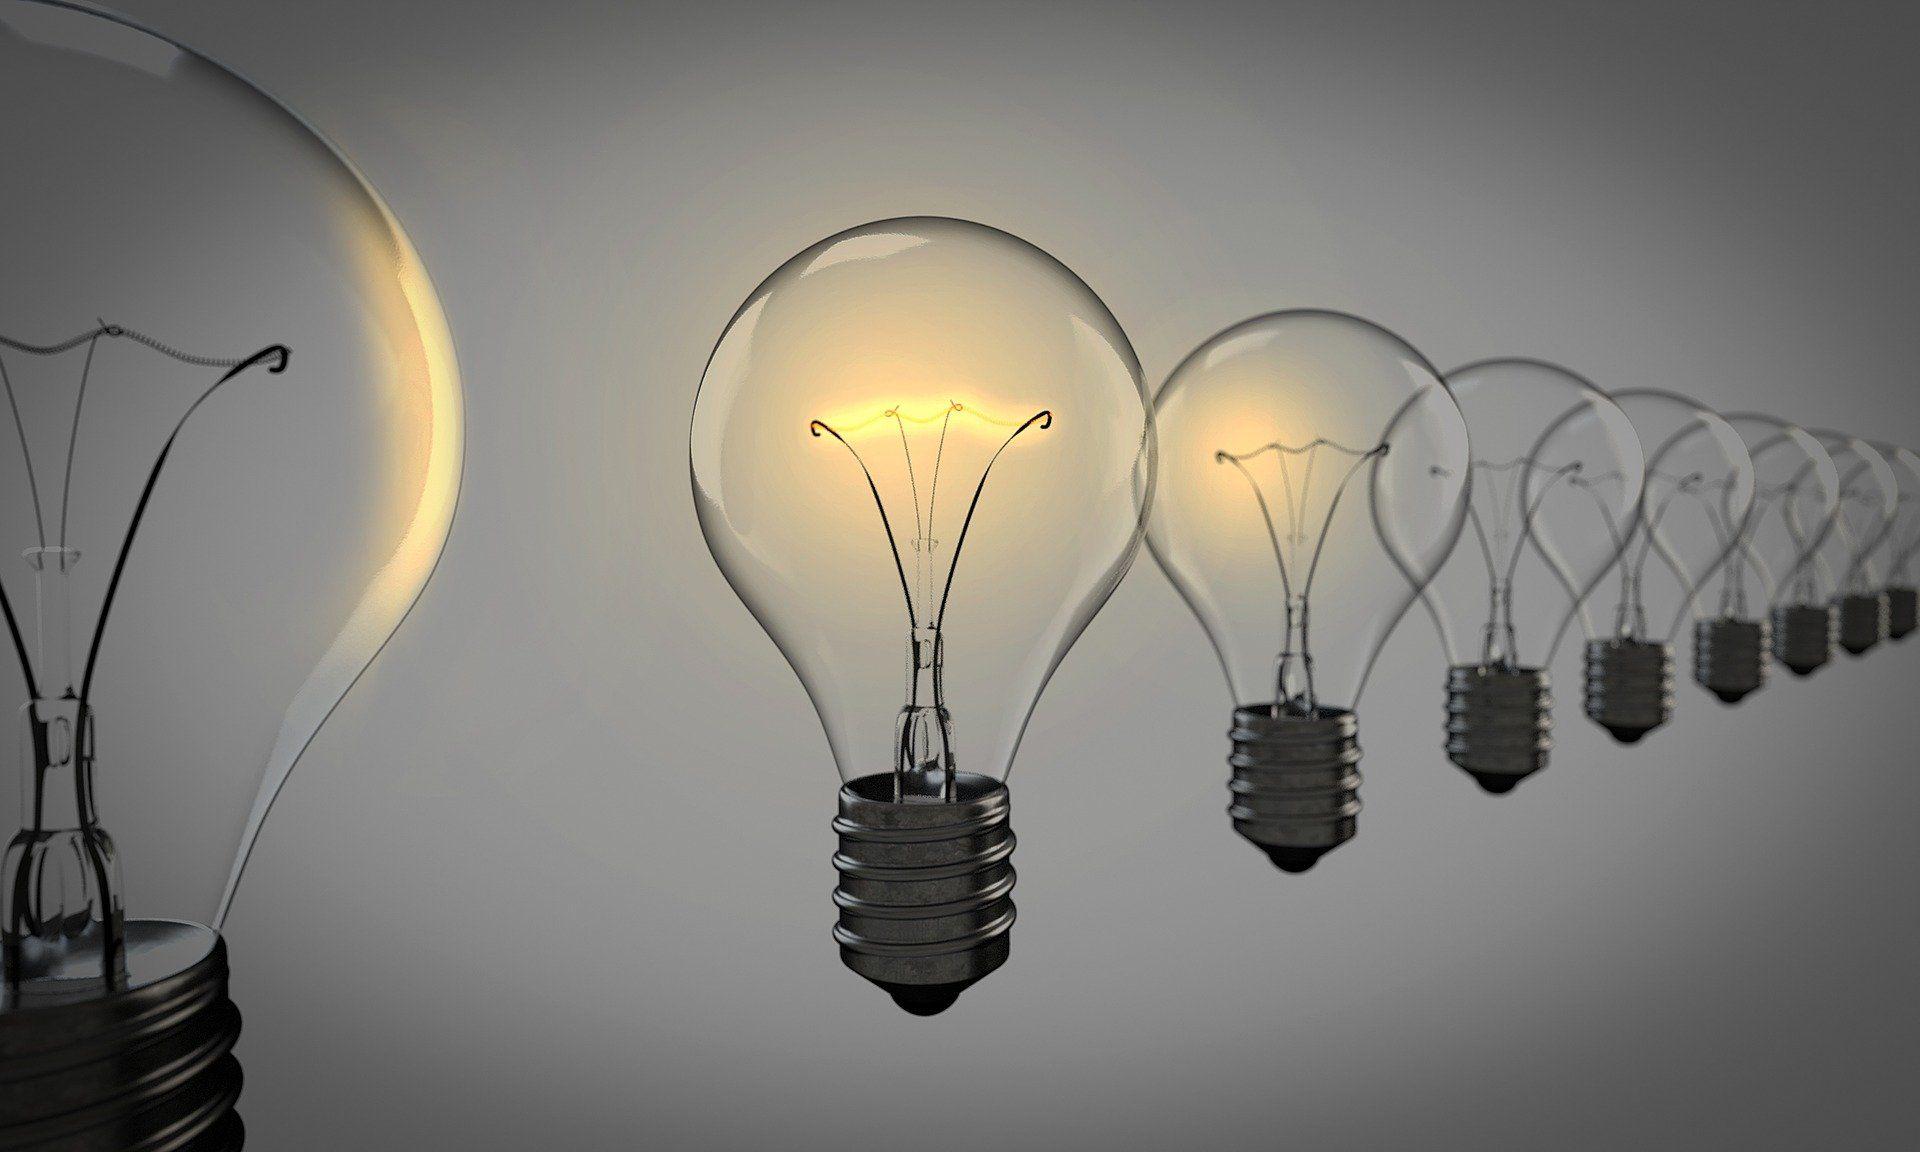 چراغ های روشن نمادی از خلاقیت